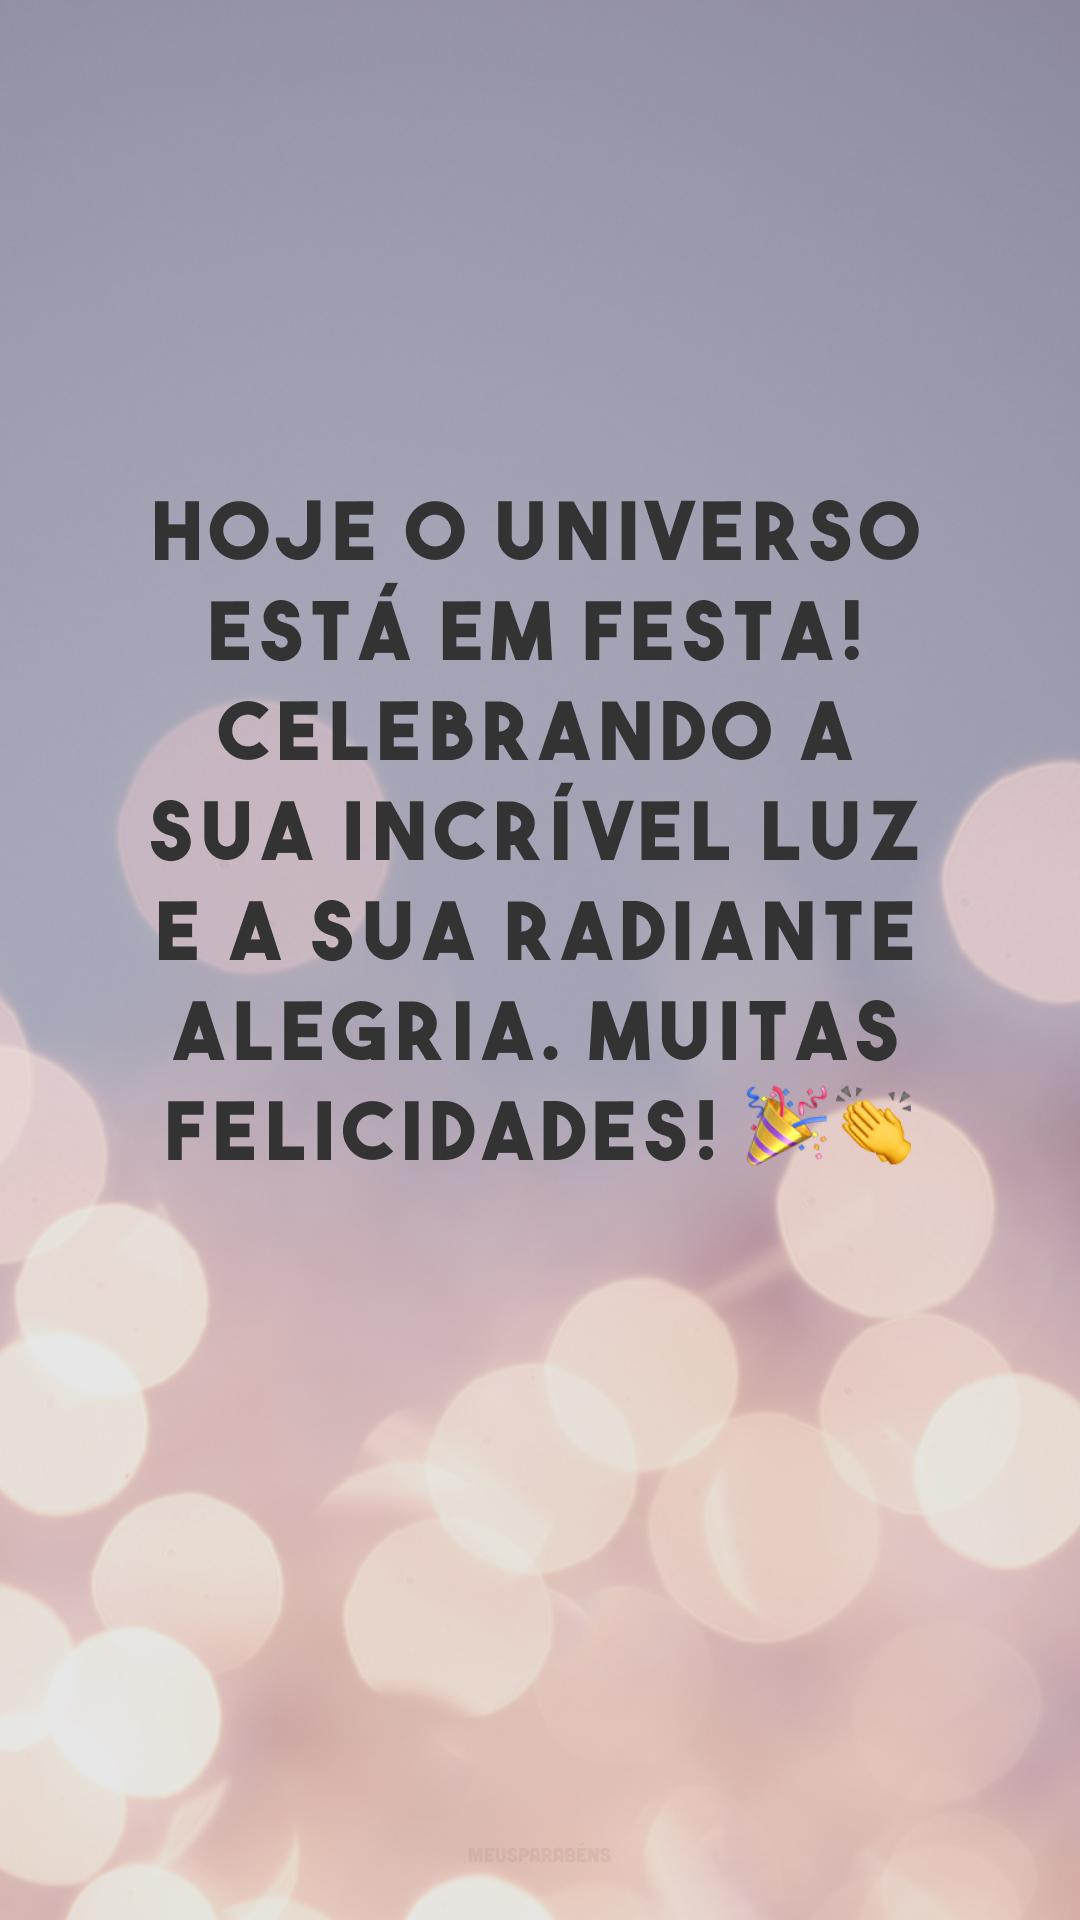 Hoje o universo está em festa! Celebrando a sua incrível luz e a sua radiante alegria. Muitas felicidades! 🎉👏